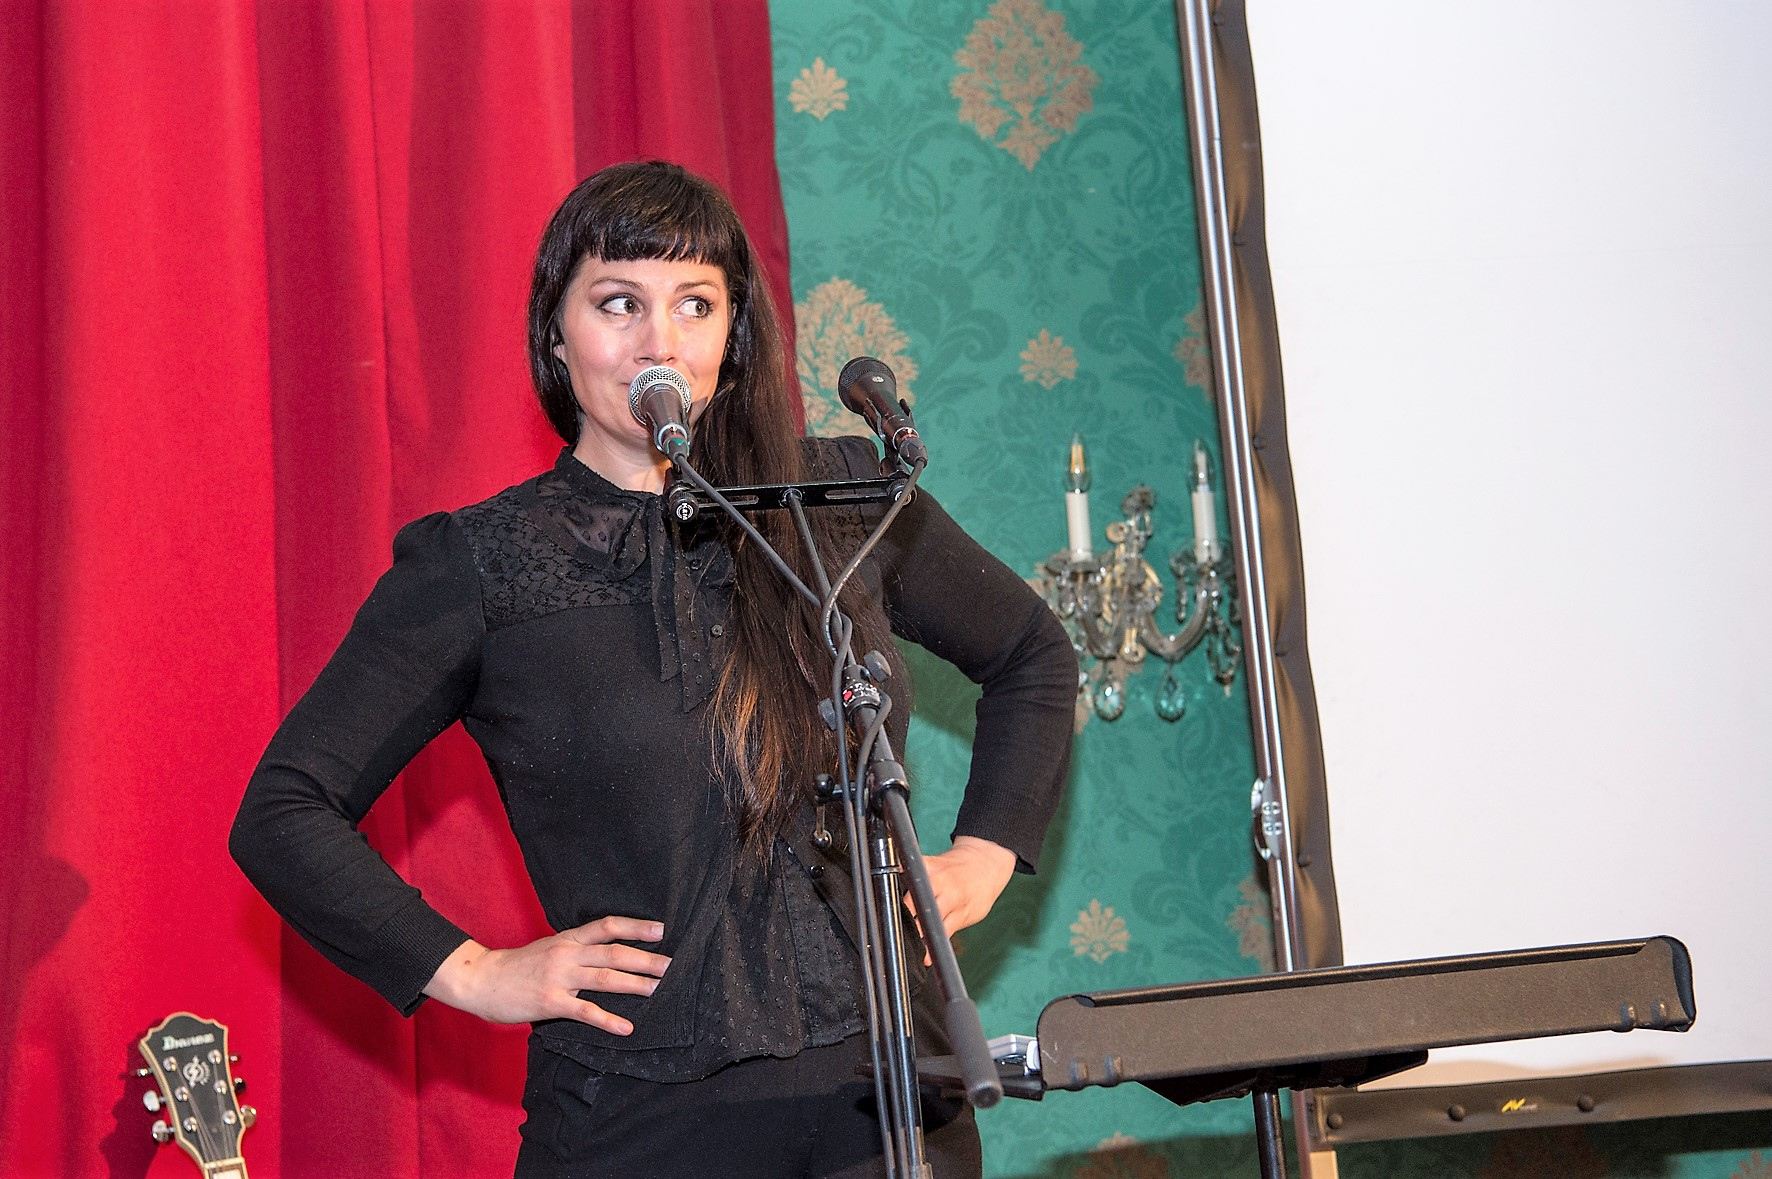 Die Luzerner Sängerin Heidi Happy singt an der Übergabefeier